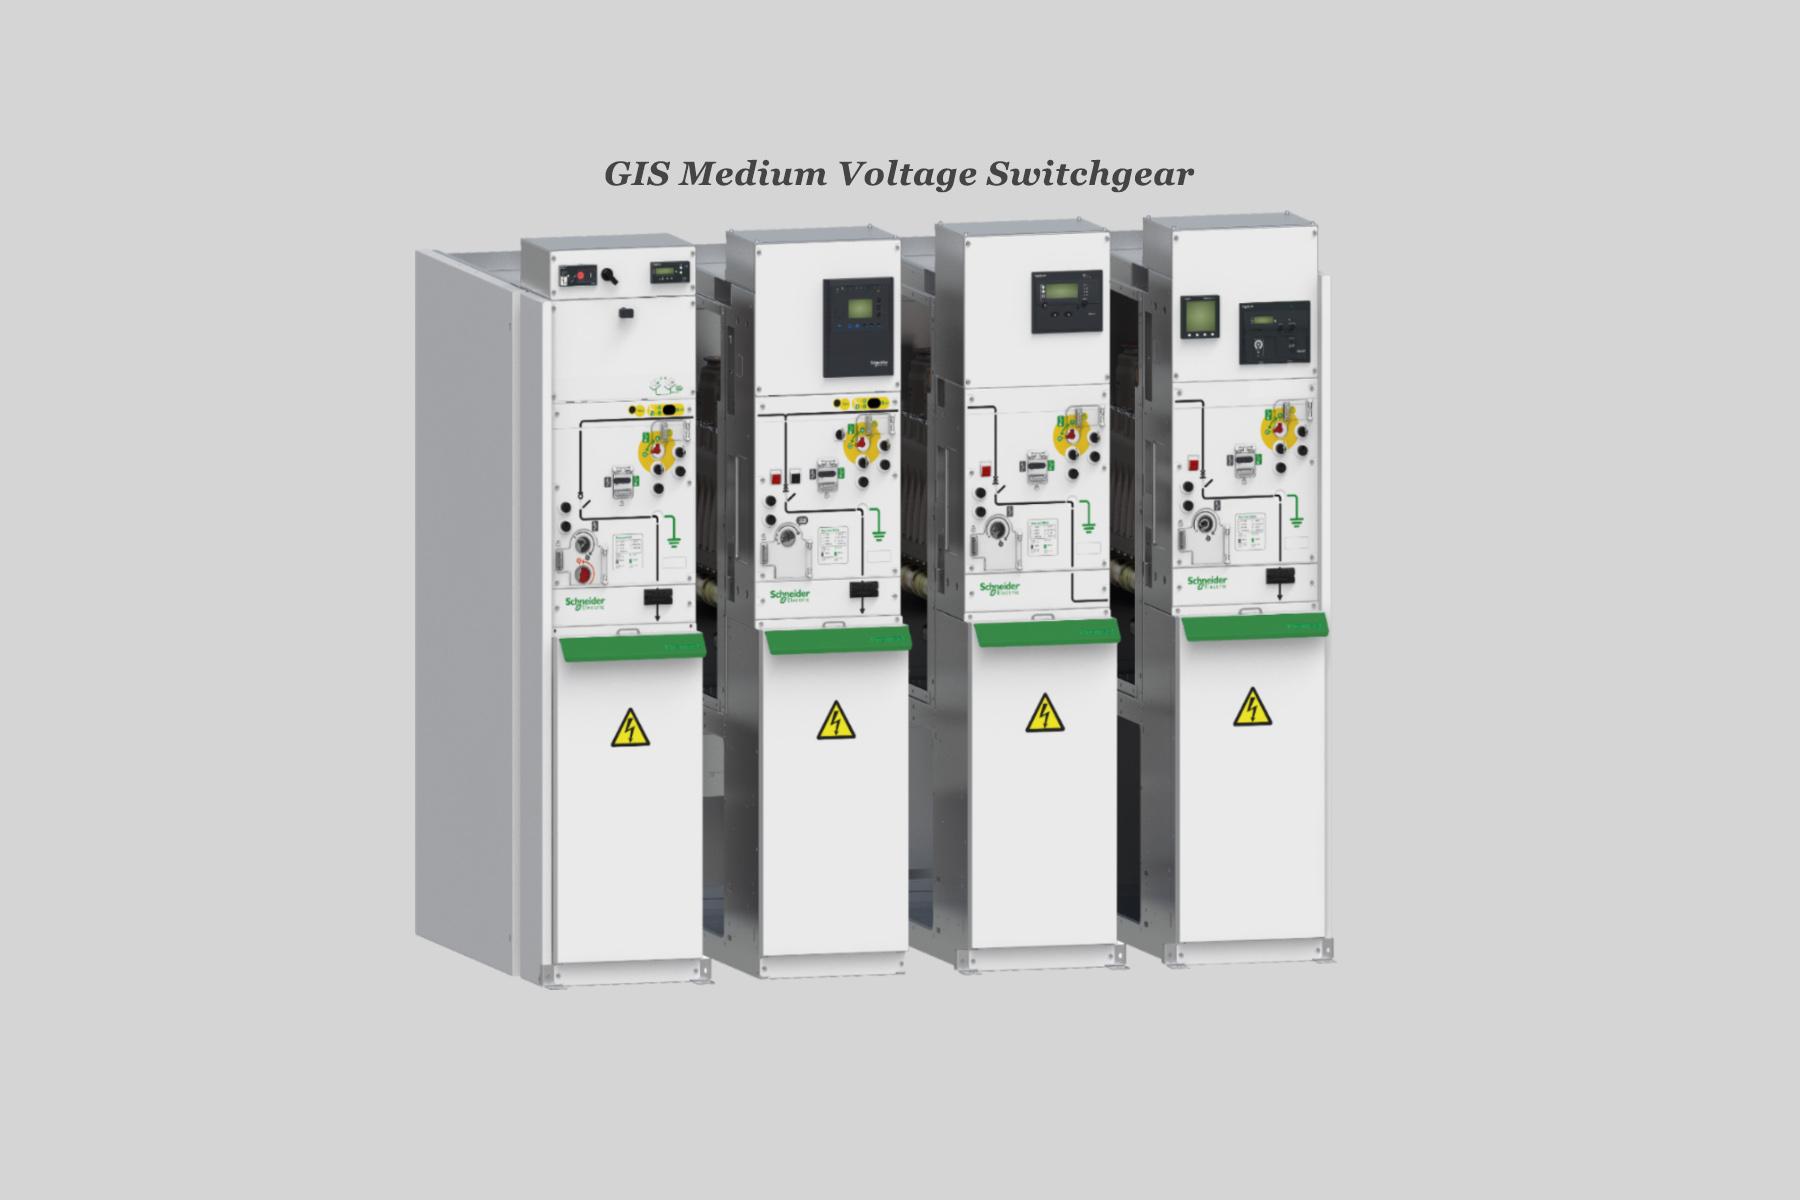 GIS Medium Voltage Switchgear